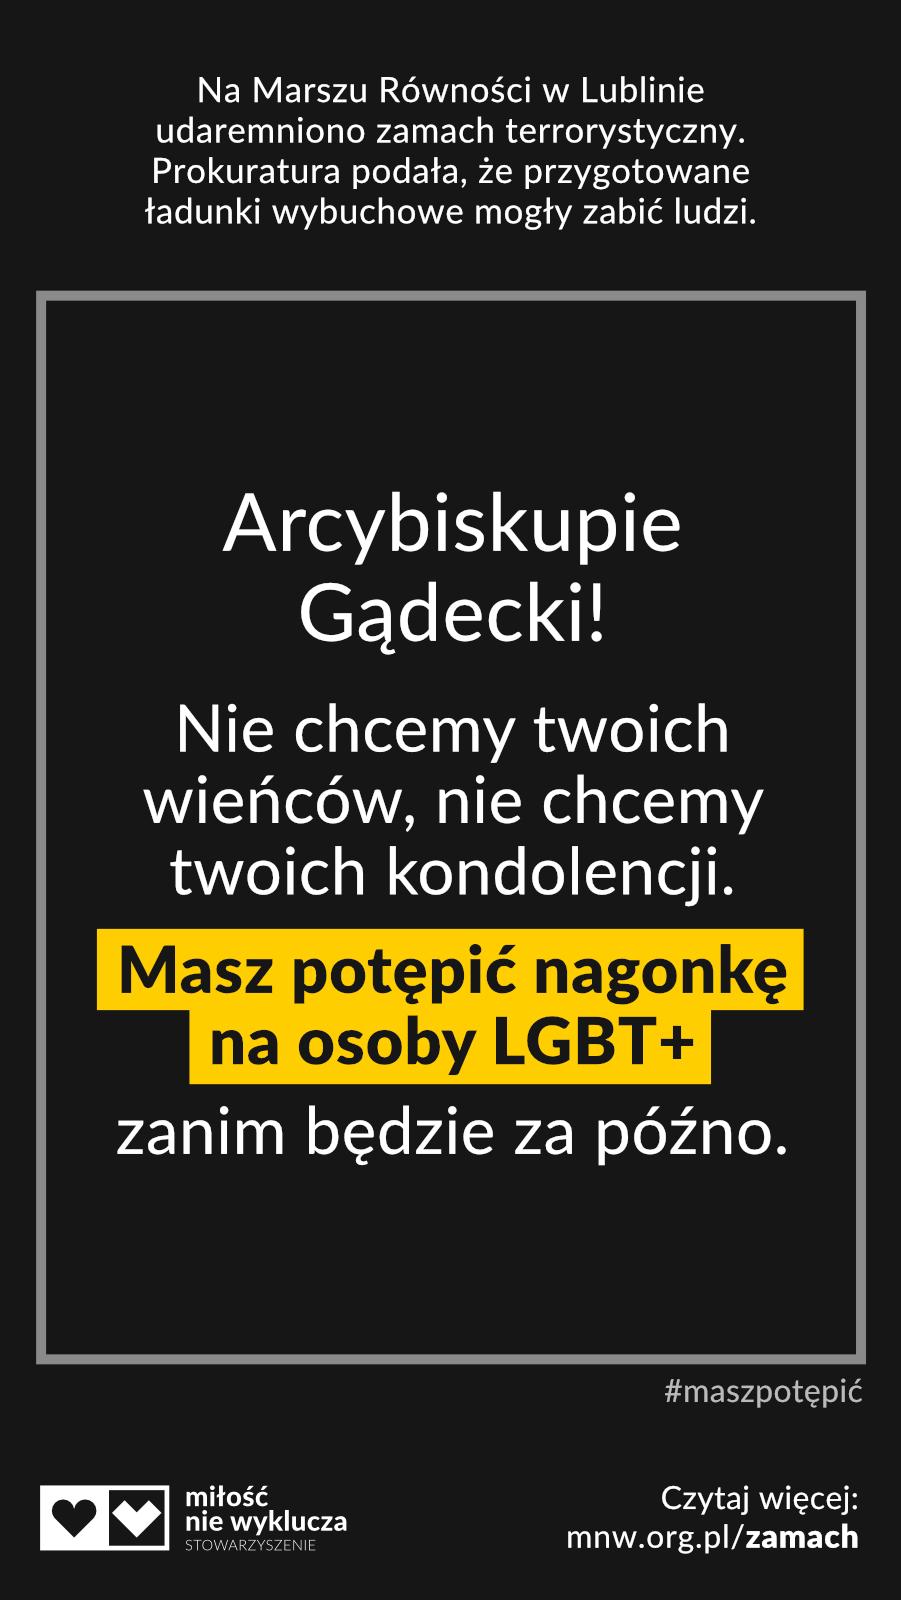 arcybiskup Gądecki #maszpotepic zamach LGBT+